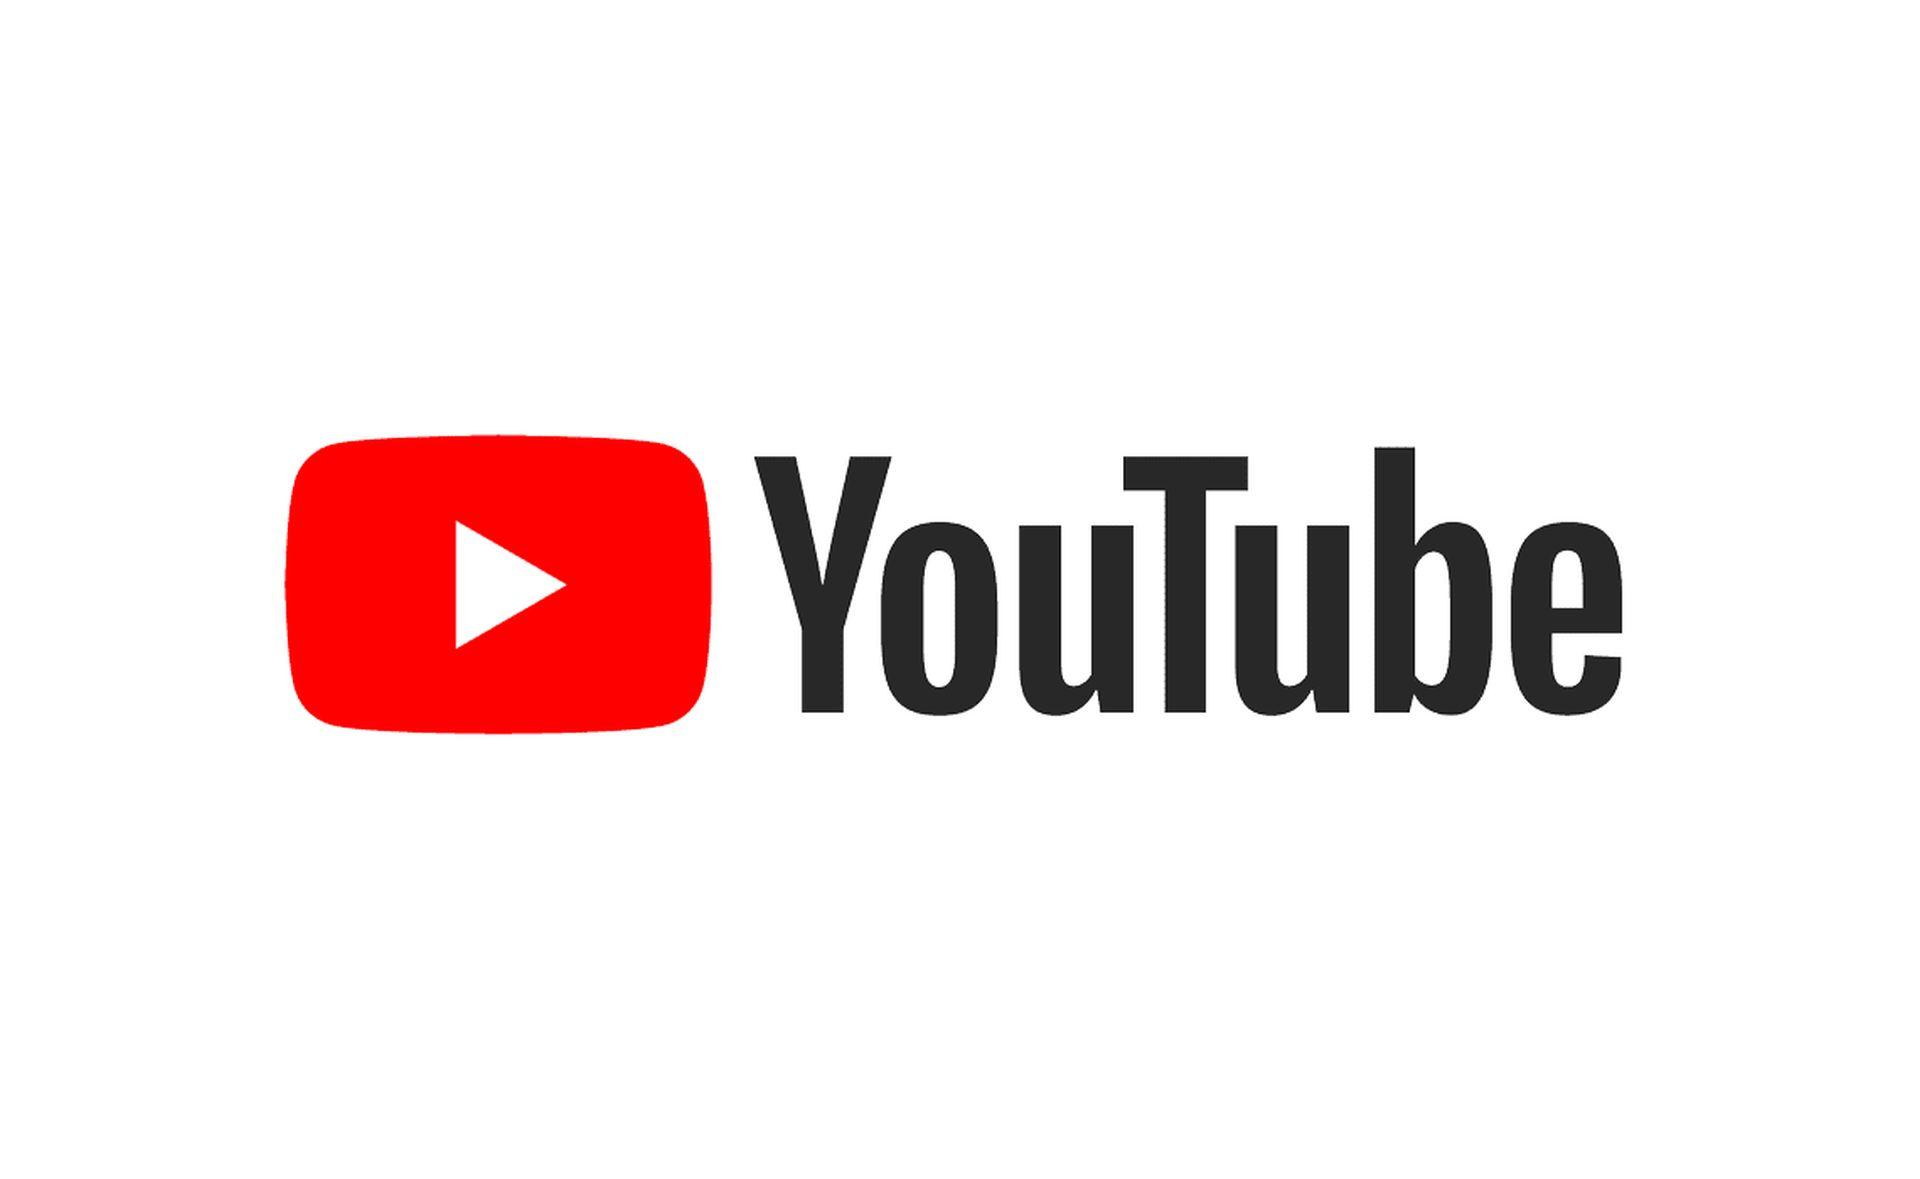 YouTube dodaje obsługę HDR dla najnowszych iPhone'ów